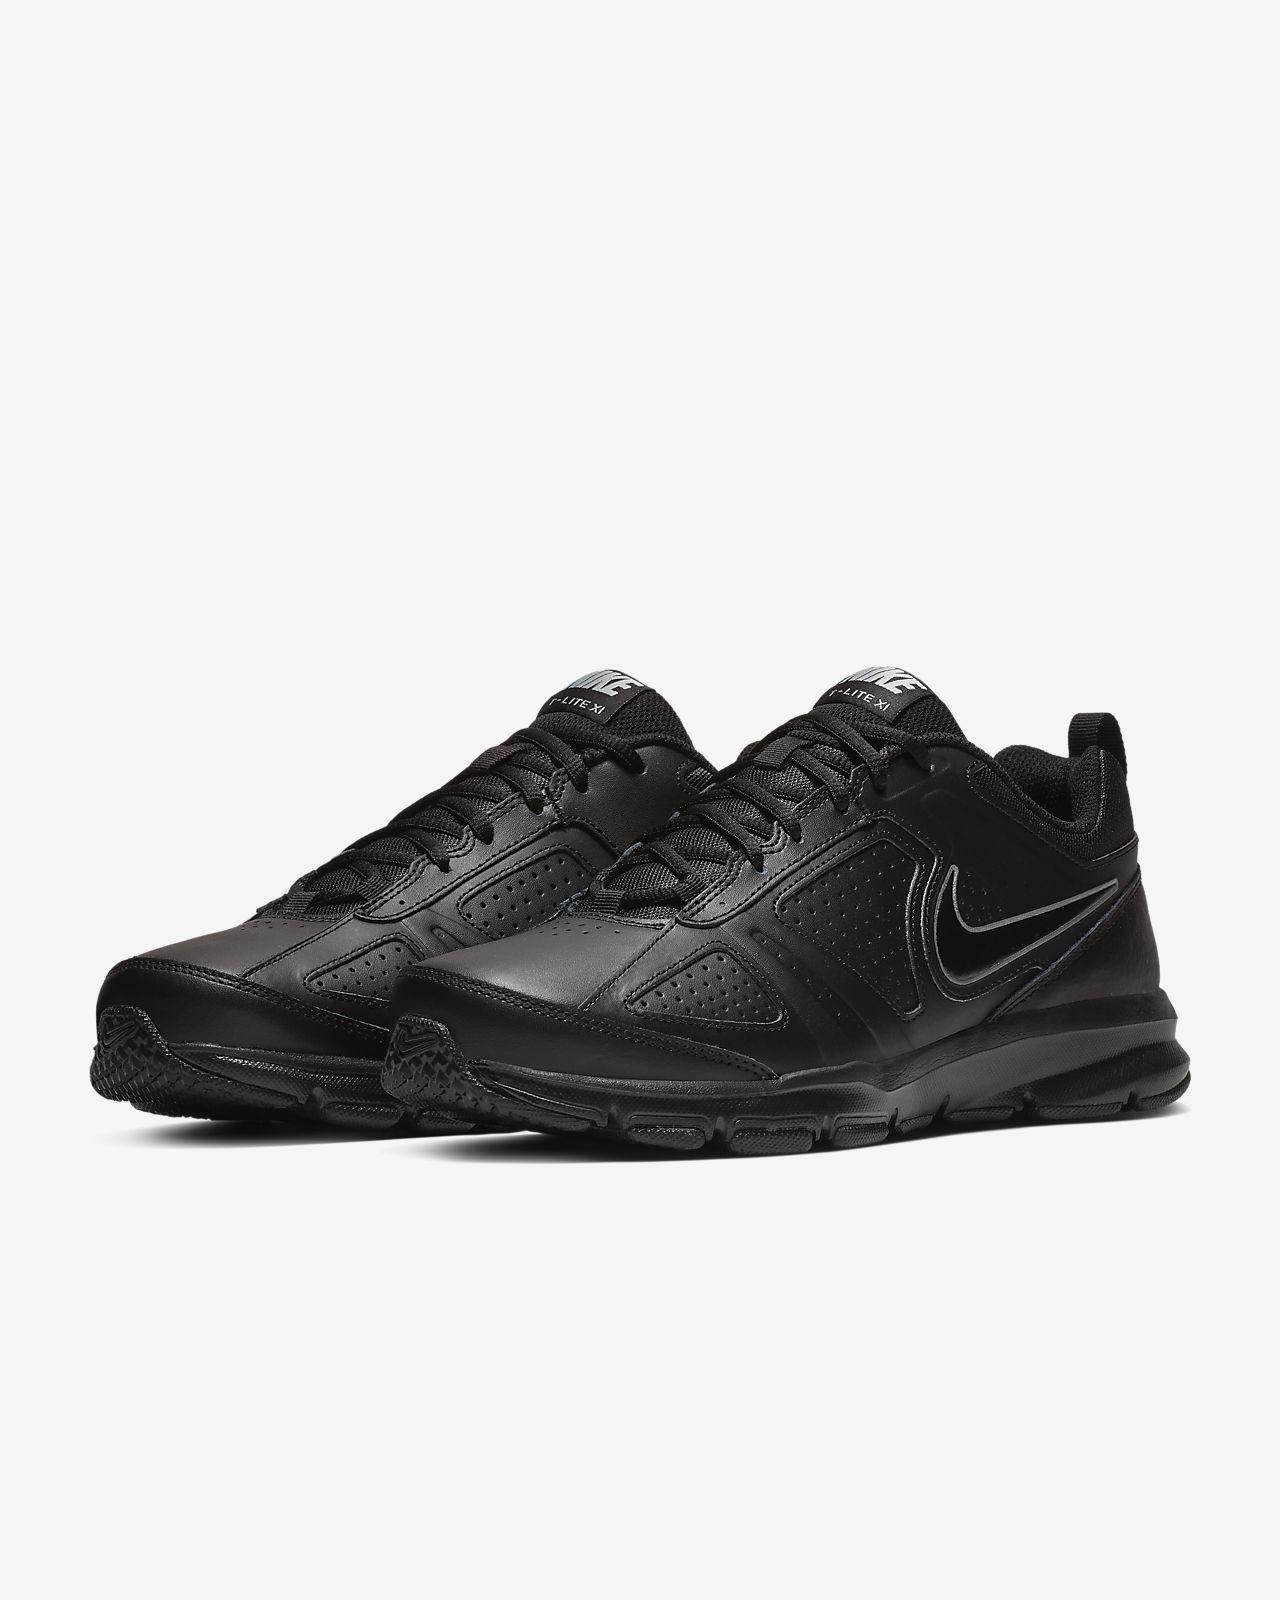 Nike | Nike T Lite XI Mens Training Shoes | Mens Training